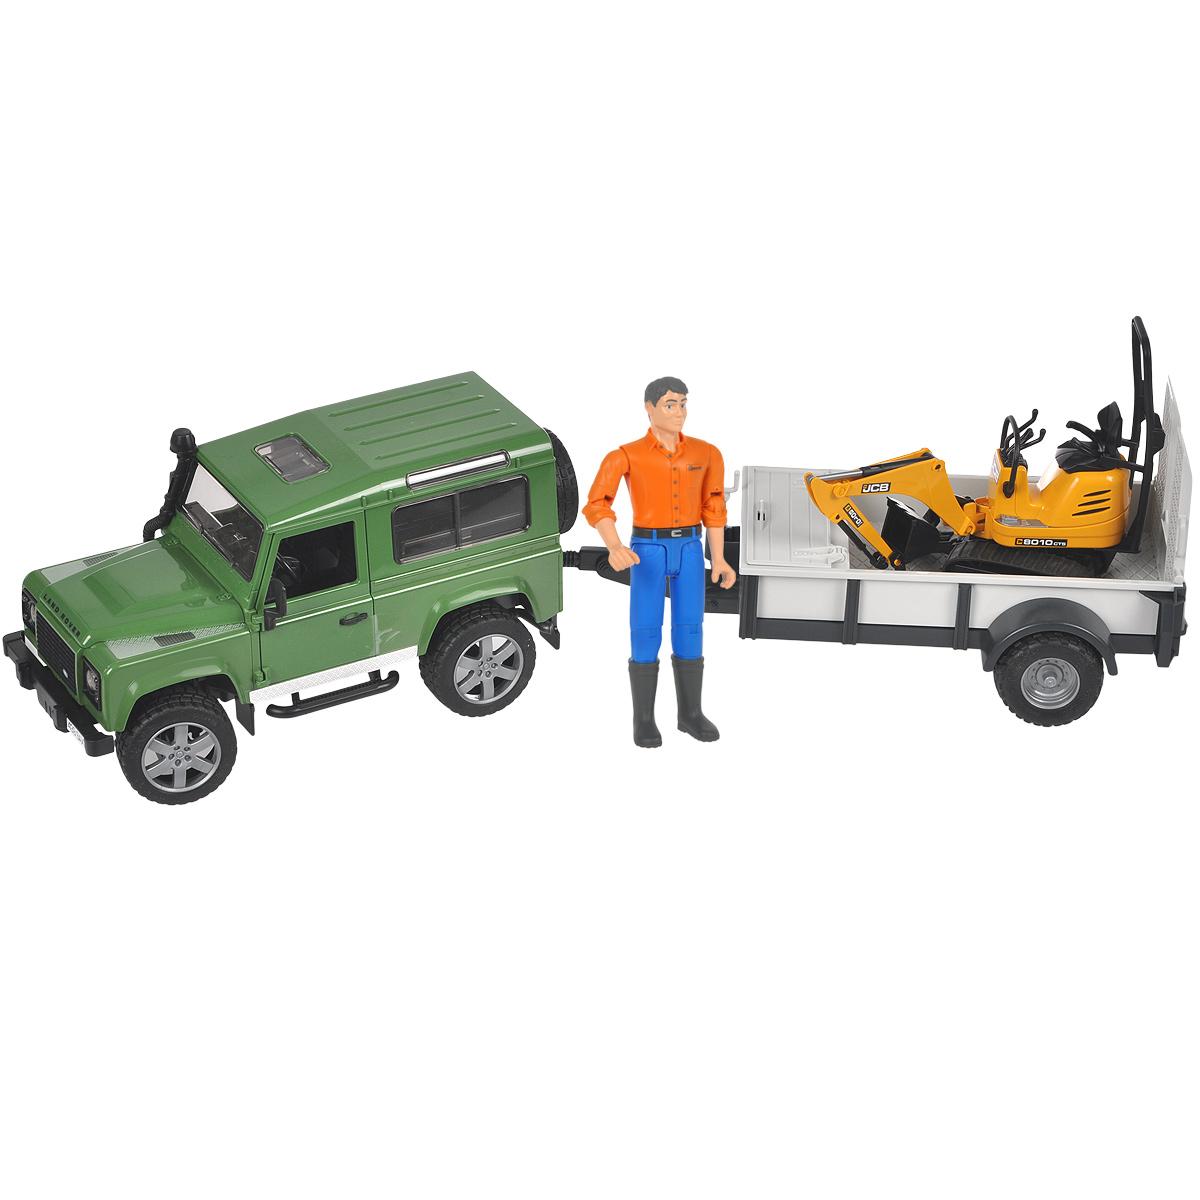 """Внедорожник Bruder """"Land Rover Defender"""", выполненный из прочного безопасного материала, отлично подойдет ребенку для различных игр. Машина является уменьшенной копией внедорожника фирмы Land Rover Defender. В комплект также входят прицеп-платформа, мини-экскаватор """"JCB. 8010 CTS"""" и фигурка рабочего. Внедорожник отличается высокой детализацией. С левой стороны проходит выхлопная труба. Капот поднимается и крюком фиксируется в верхнем положении. Передняя и задняя оси оснащены амортизаторами. Задние сиденья снимаются, и внедорожник превращается в удобный автомобиль для перевозки грузов. К задней двери внедорожника прикреплено запасное колесо. Также внедорожник оснащен фаркопом. Дверь водителя, пассажира и задняя двери открываются и снимаются. В салон помещается небольшая фигурка или игрушка. Передние колеса поворачиваются рулем. Кроме этого, в наборе прилагается дополнительный руль (расположен на днище автомобиля), которым через крышу можно управлять колесами внедорожника. ..."""